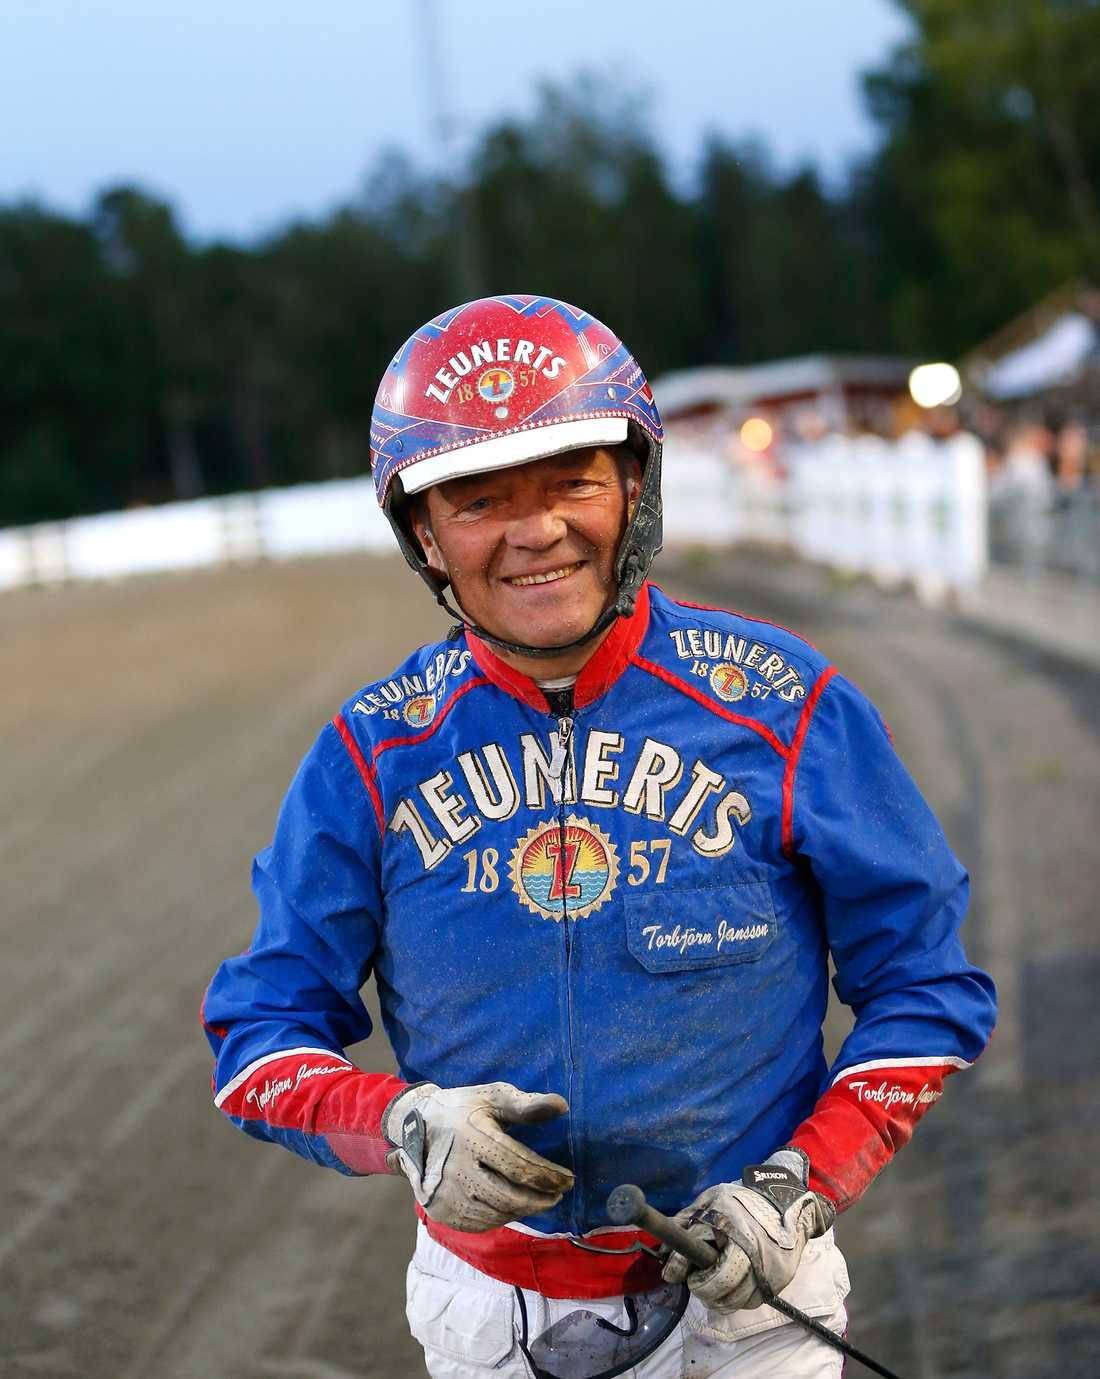 Torbjörn Jansson spikas på V64-spelet i kväll av Sportbladets expert Martin Berg